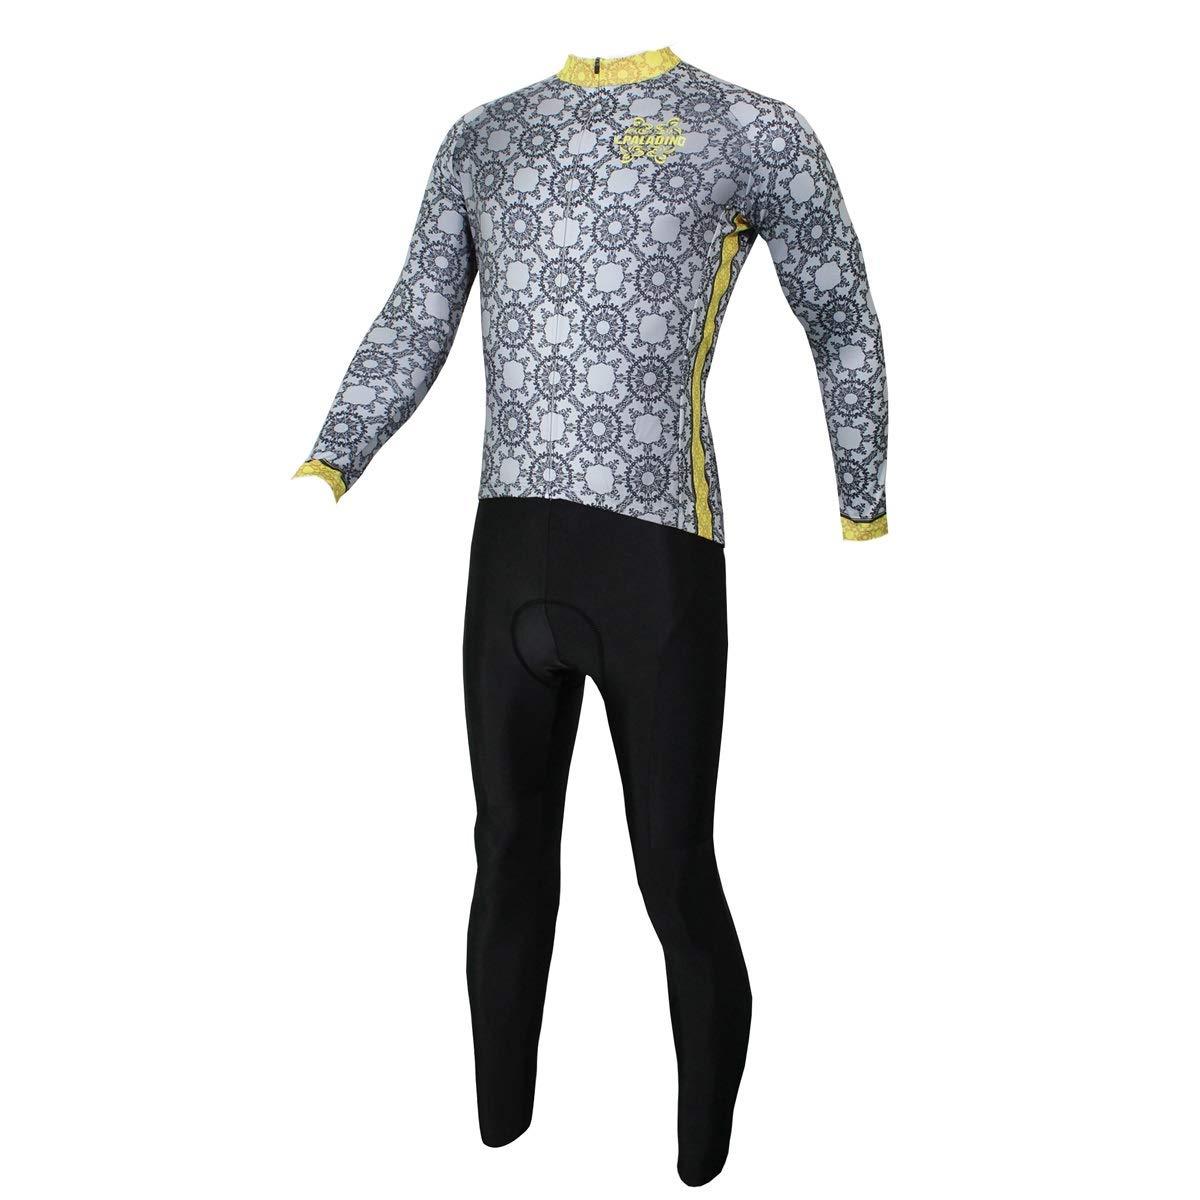 Fahrrad Reitanzug Winter Herren Radsport Anzüge sind bequem und lässig leichte Bike Jersey Fahrradtrikot LPLHJD